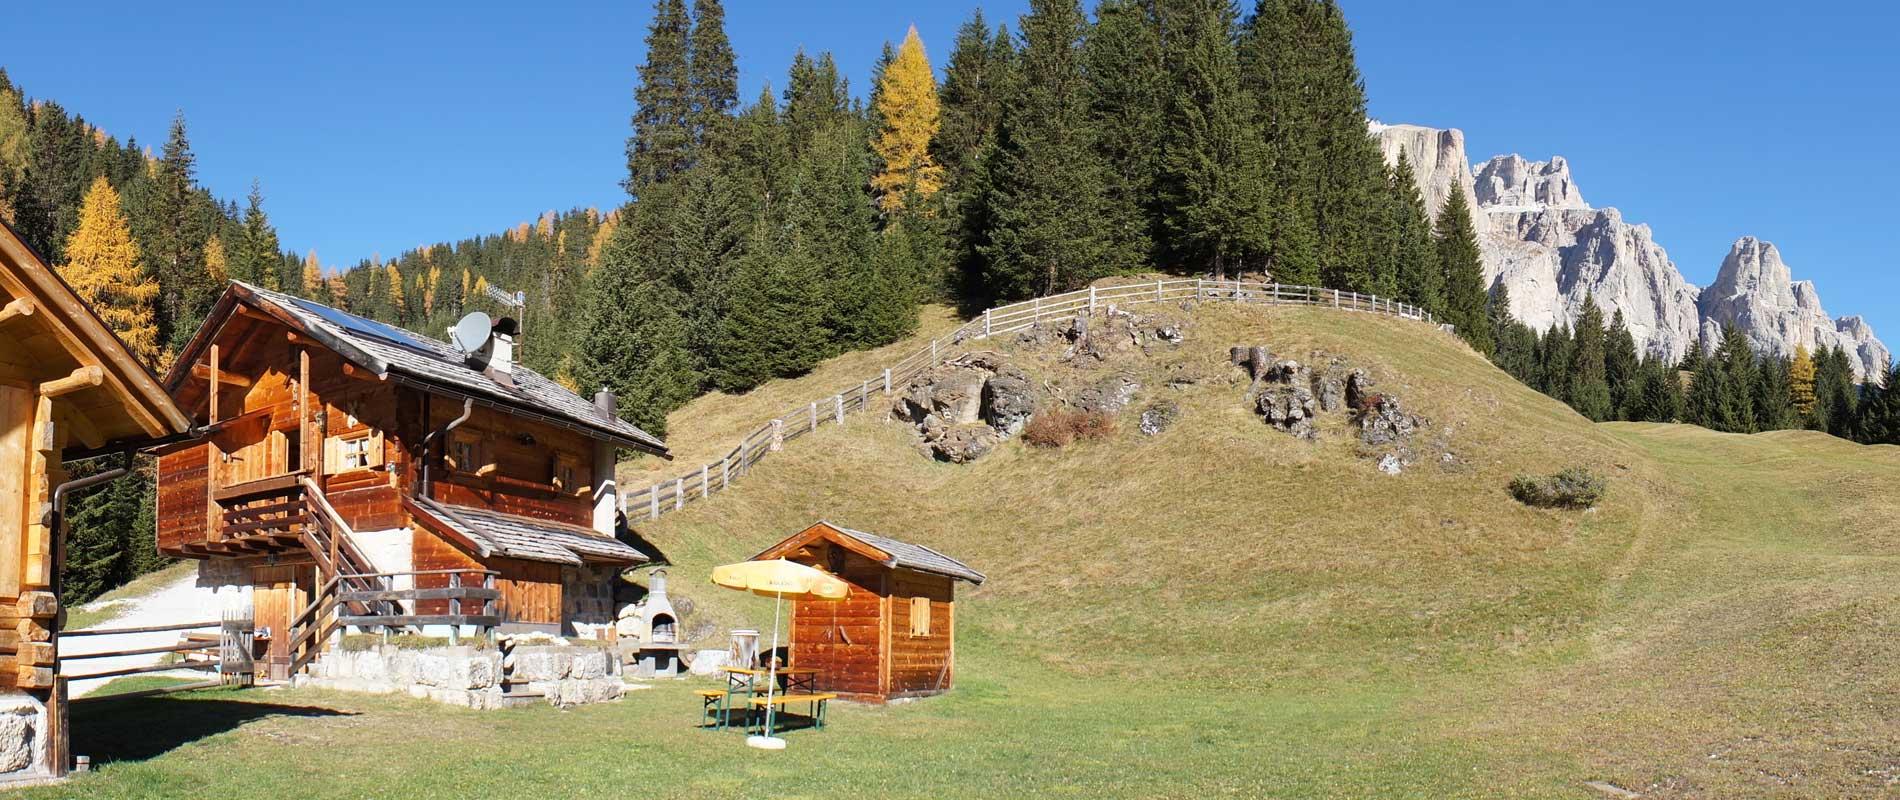 Baita pradel baita di montagna affittasi per ferie a canazei for Piccoli disegni di baite di montagna